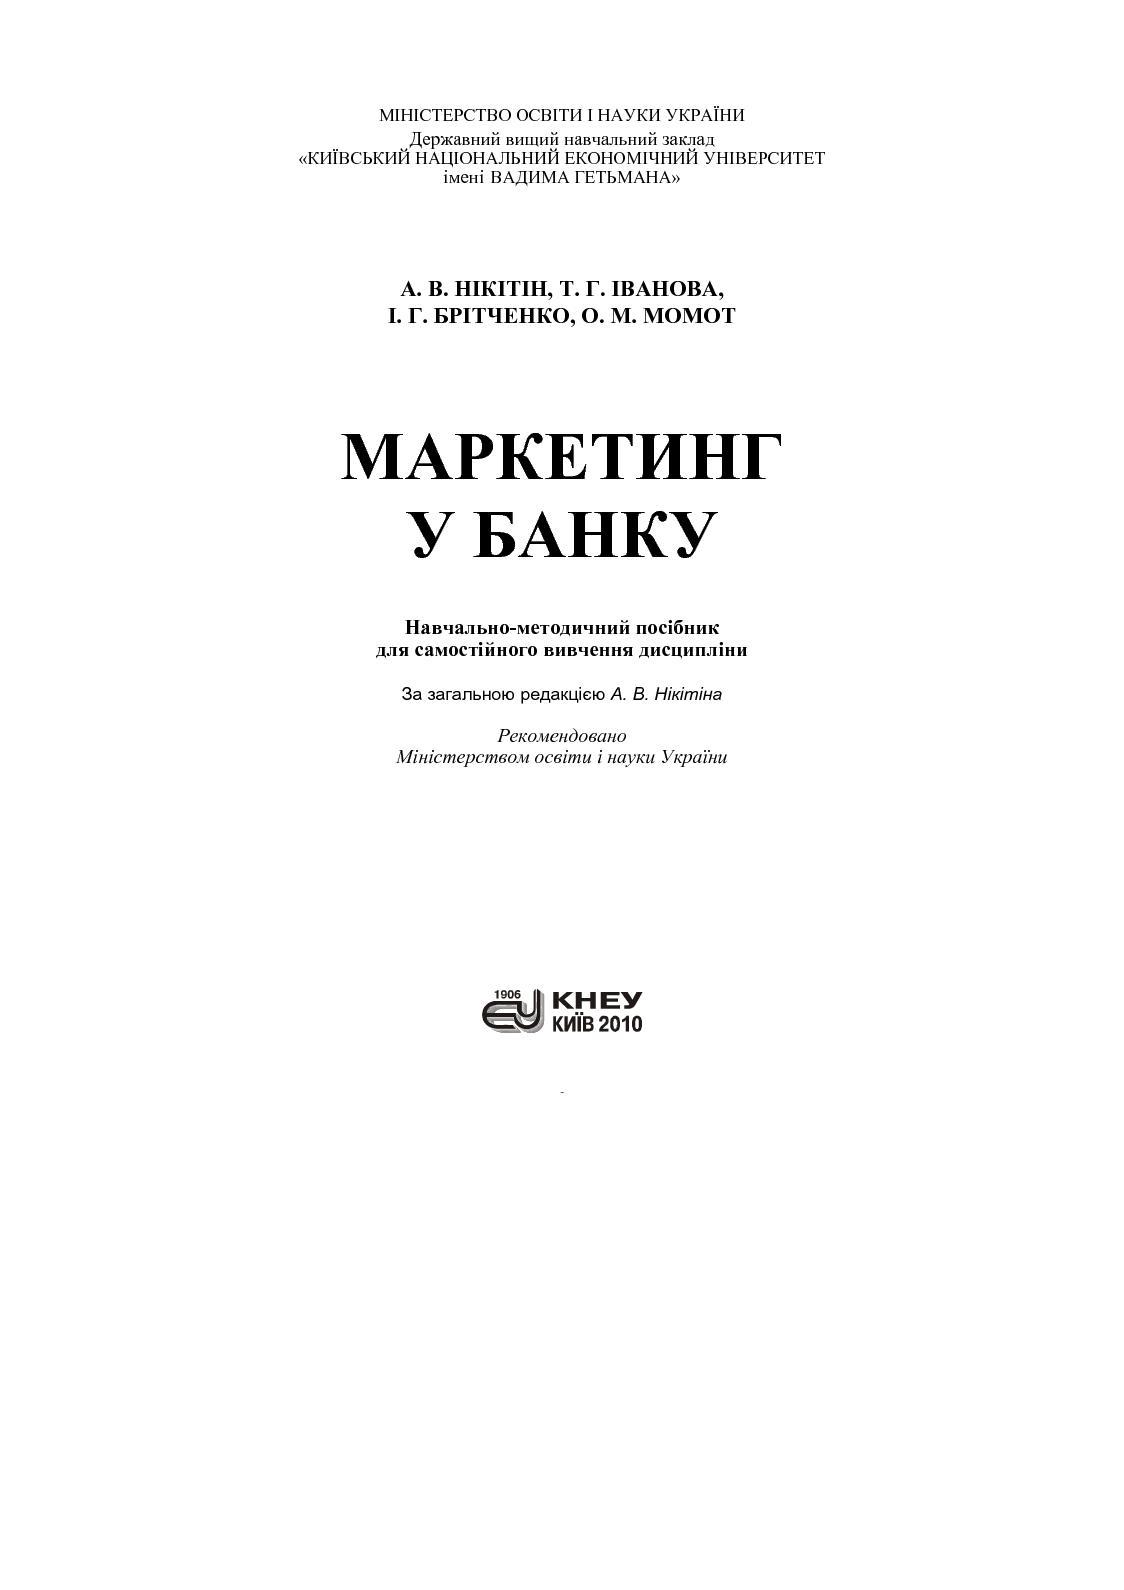 Calaméo - Маркетинг у банку  навч.-метод. посіб. для самост. вивч ... abdedad94593b